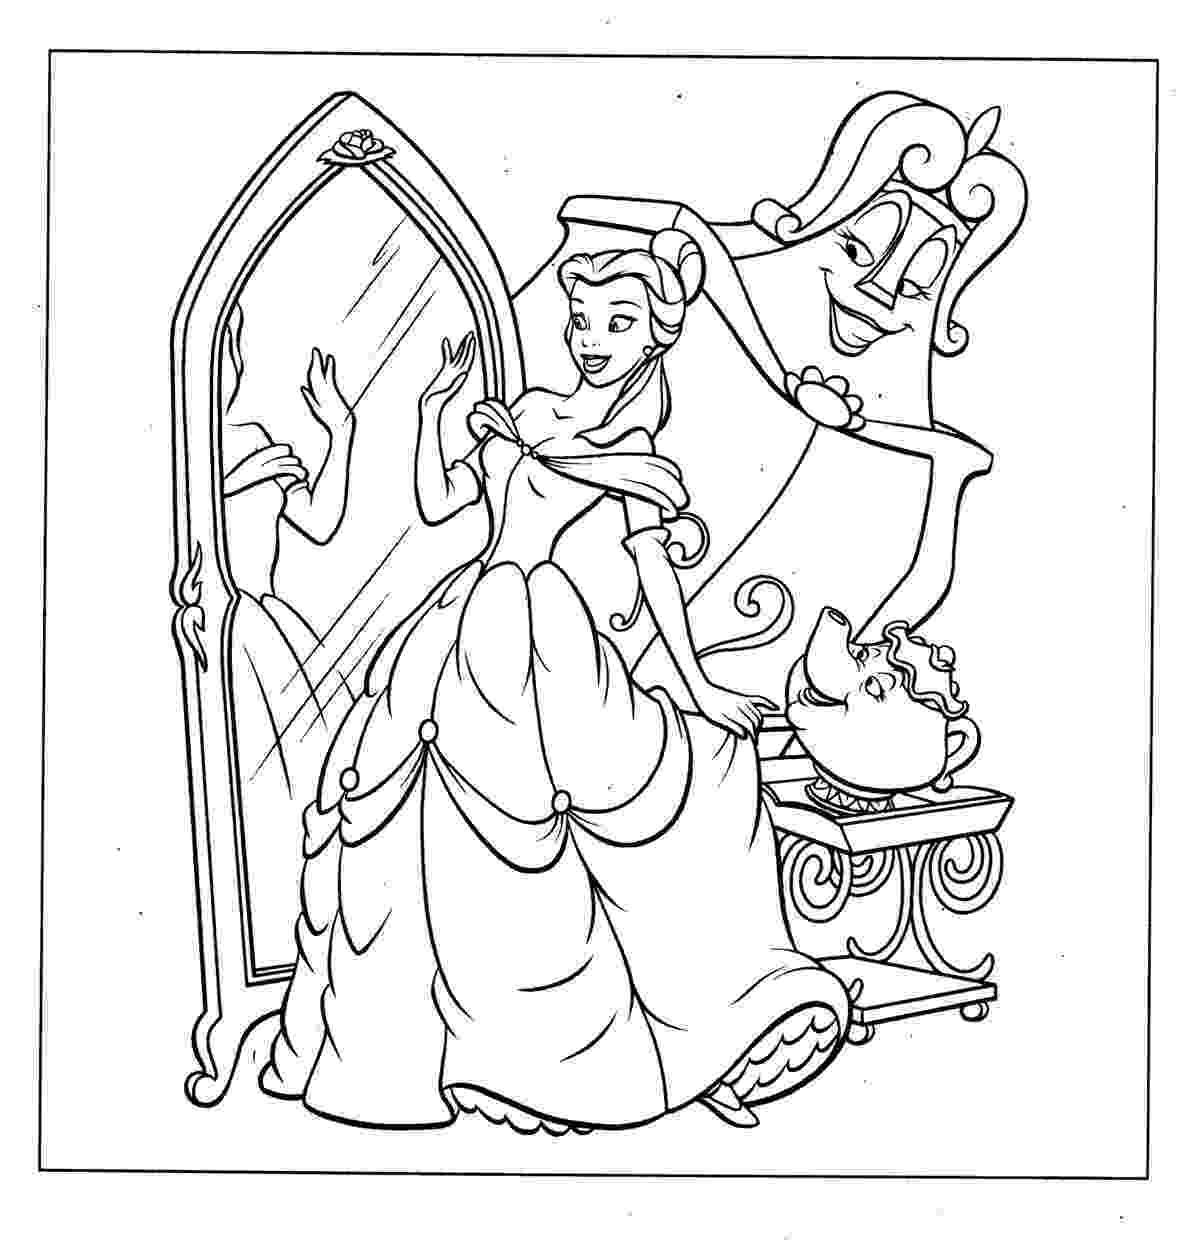 coloring pages princess belle disney princess belle coloring pages to kids princess coloring belle pages